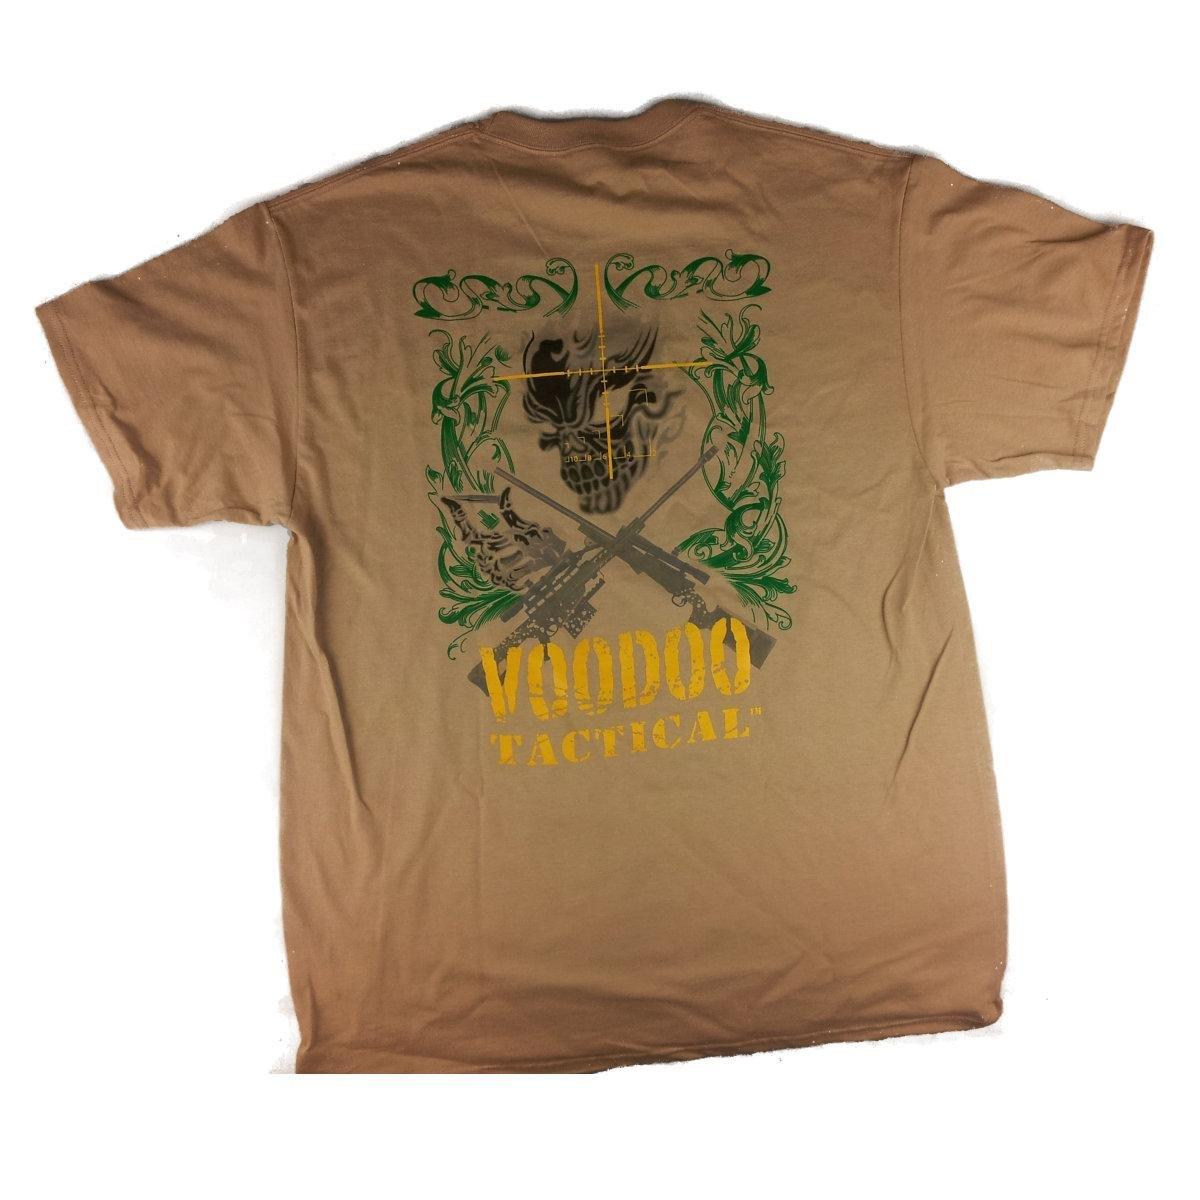 VooDoo Tactical 20-9139025096 Men's Short Sleeve T-Shirt, Sand